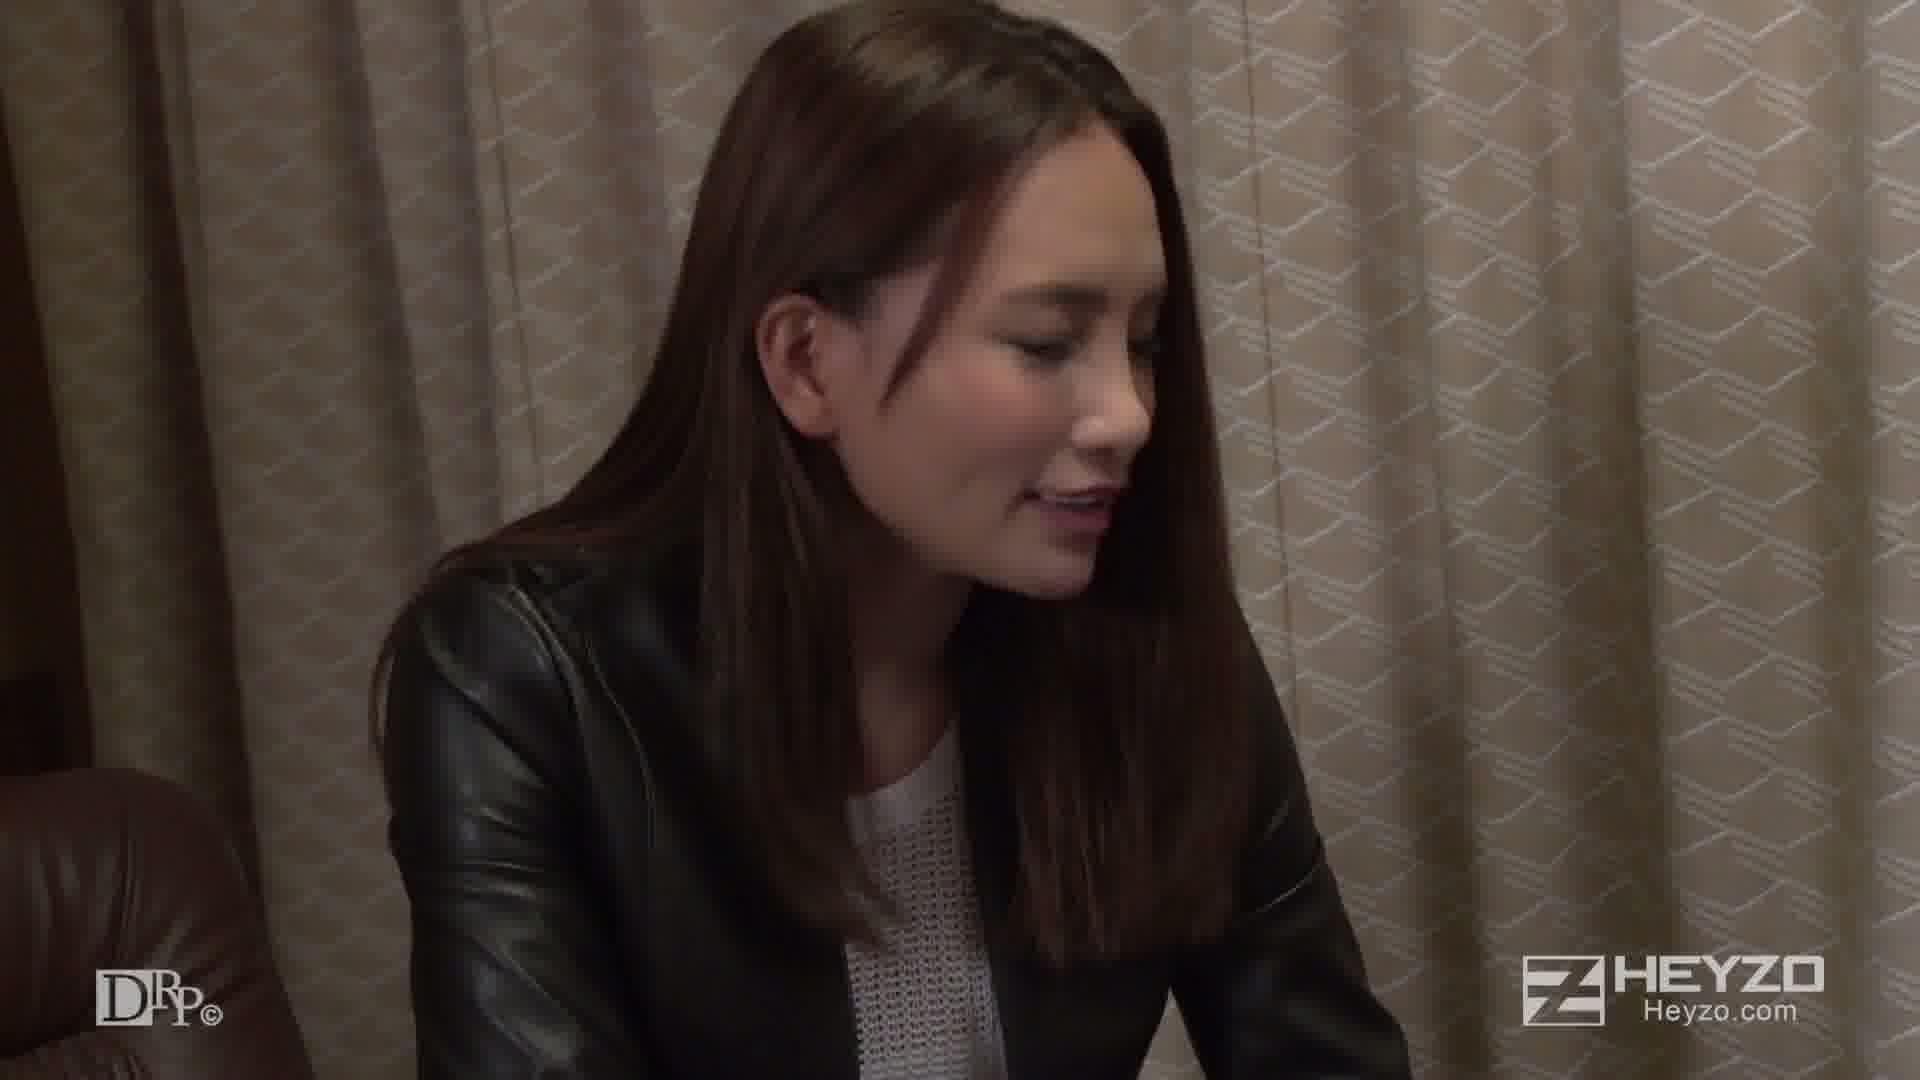 美人すぎるハーフ女流作家の官能小説執筆方法 - Ray【オナニー ローター バイブ】